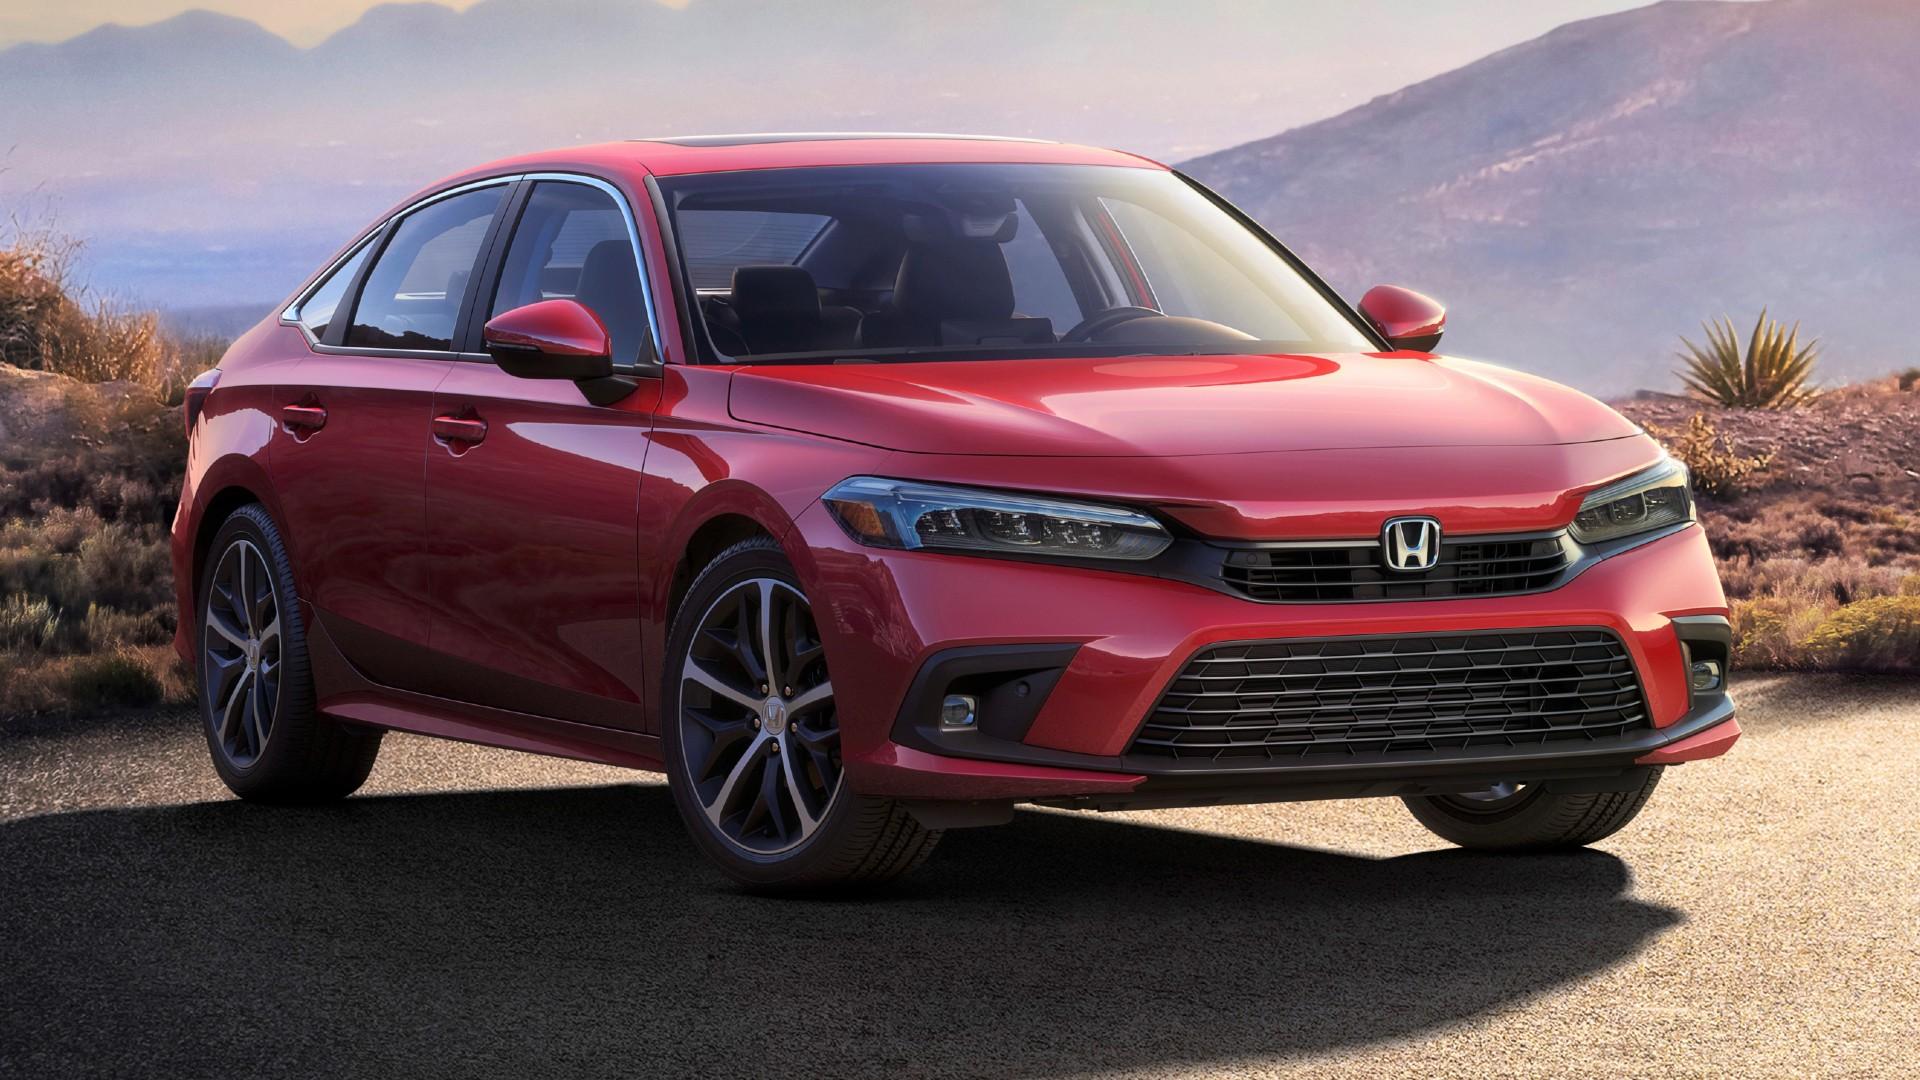 Η πρώτη επίσημη φωτογραφία του Honda Civic Sedan